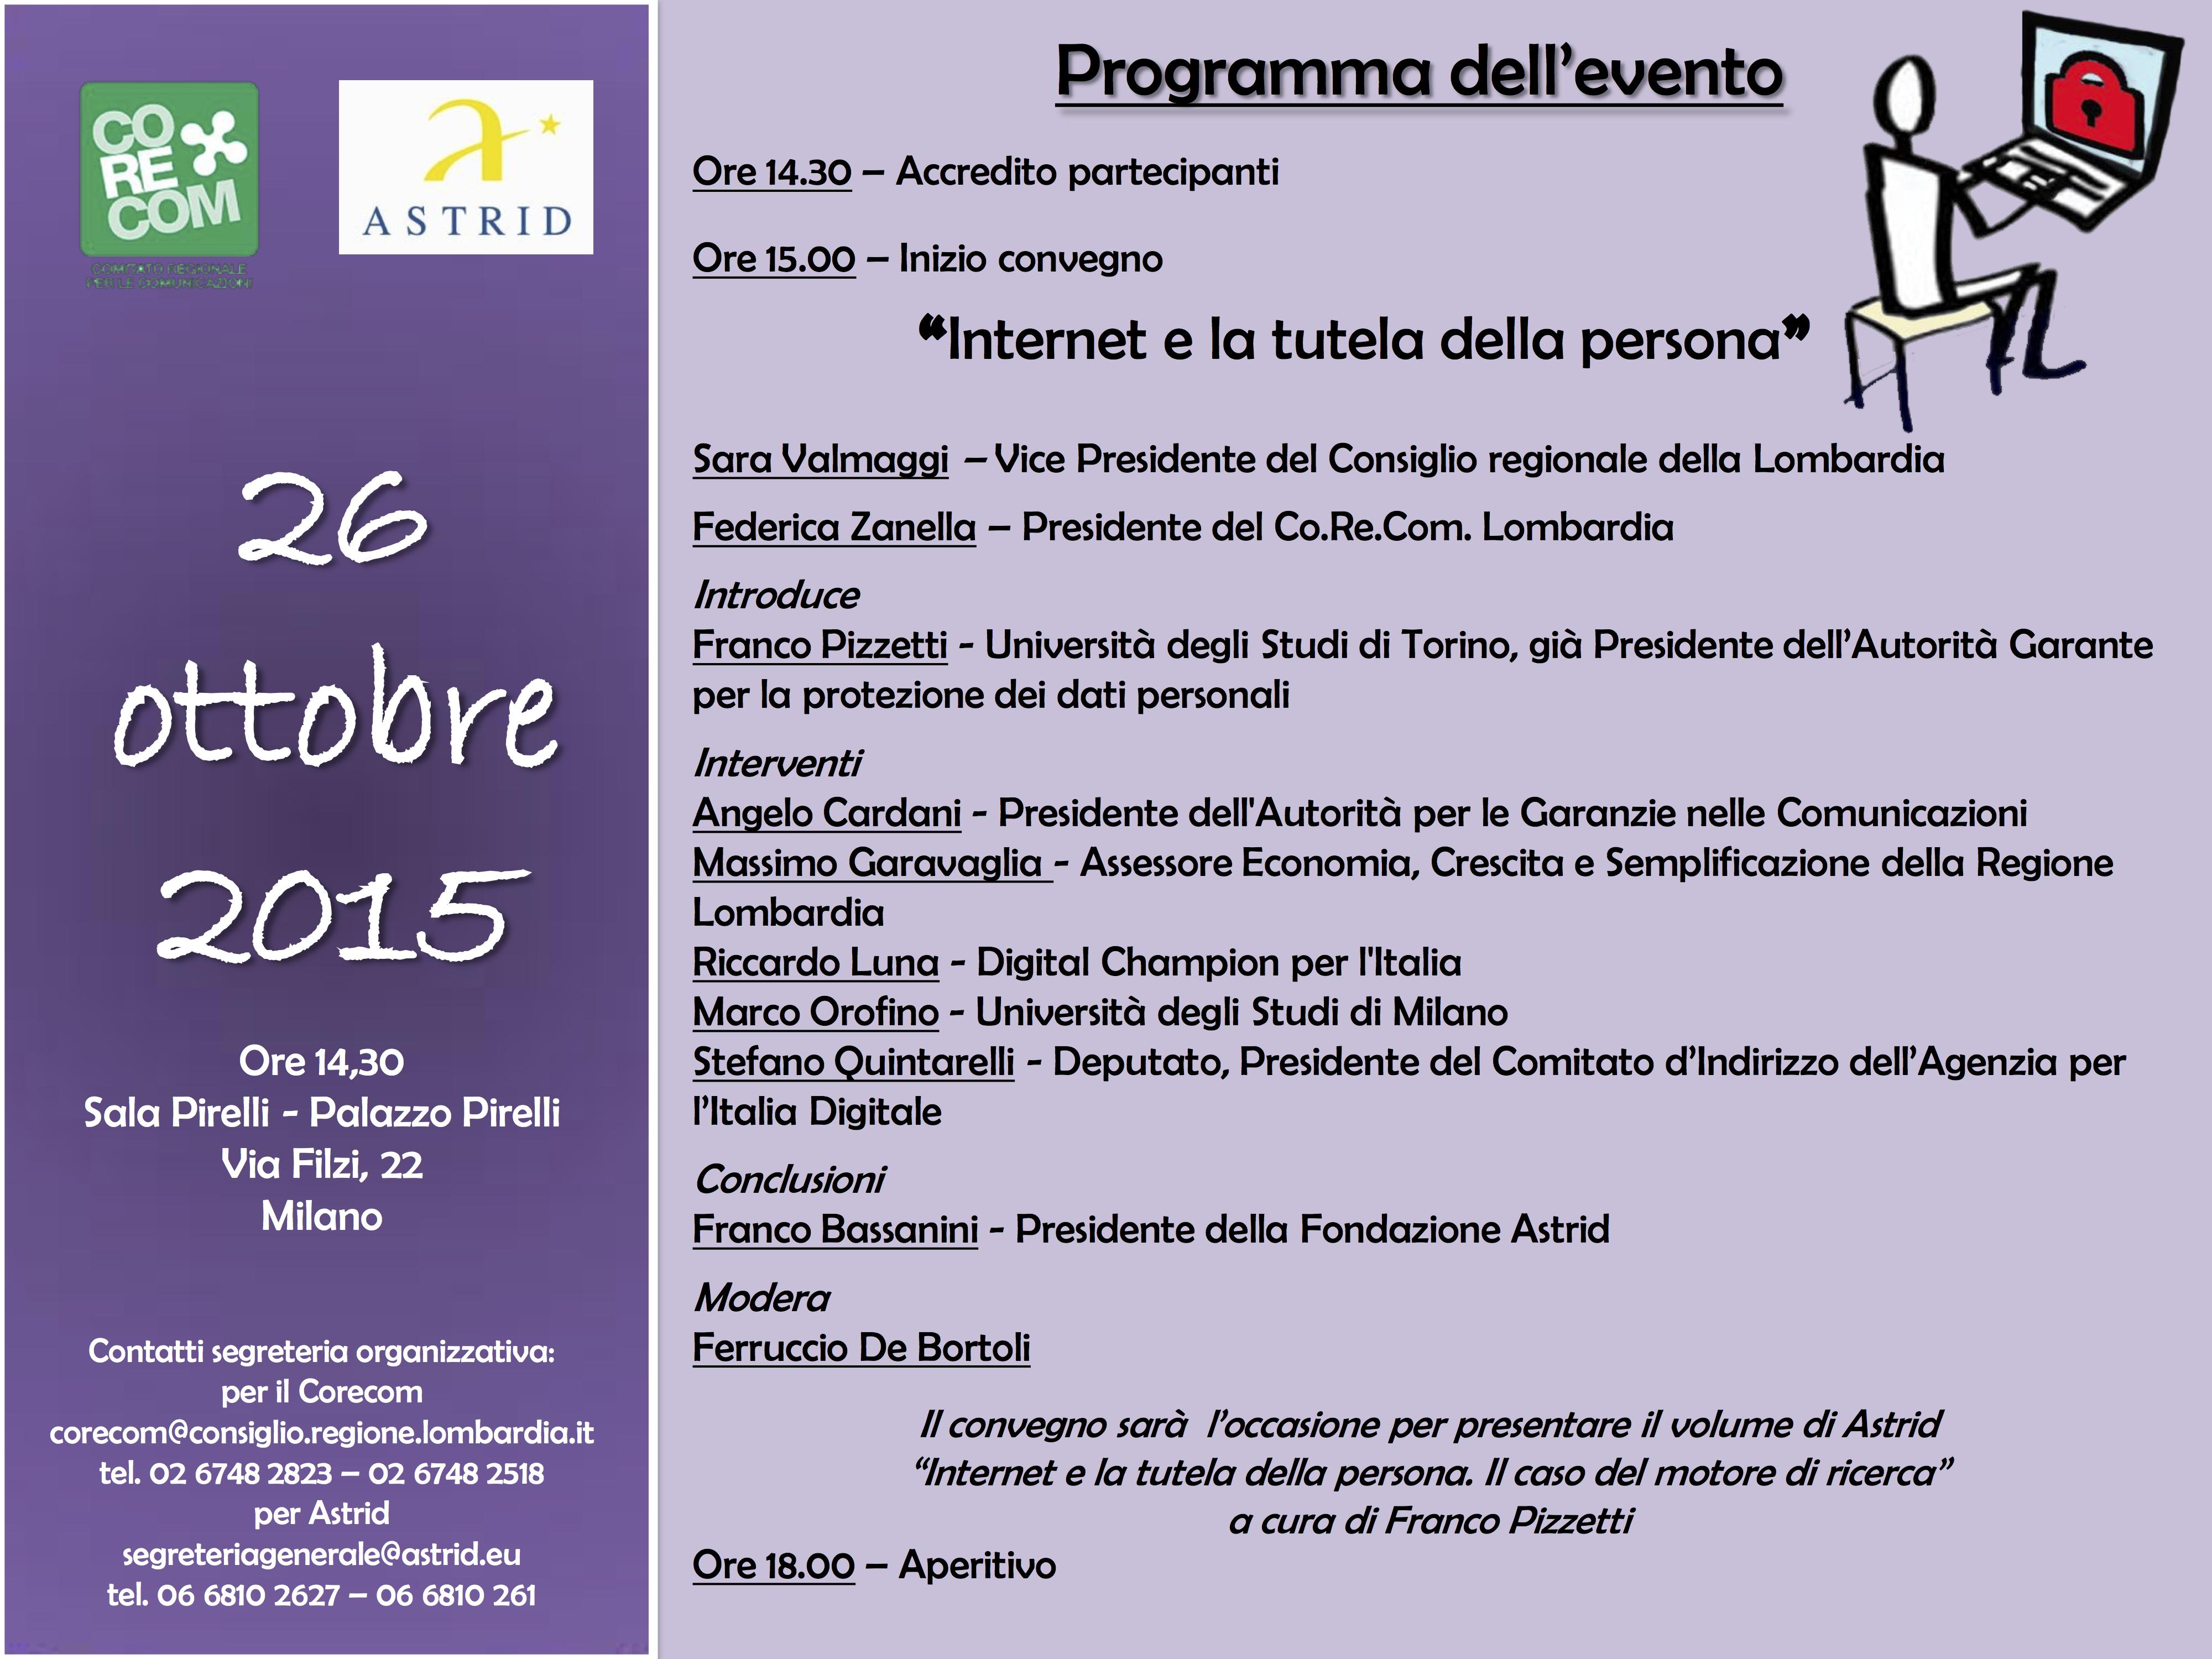 programma 26 OTTOBRE - internet e la tutela della persona